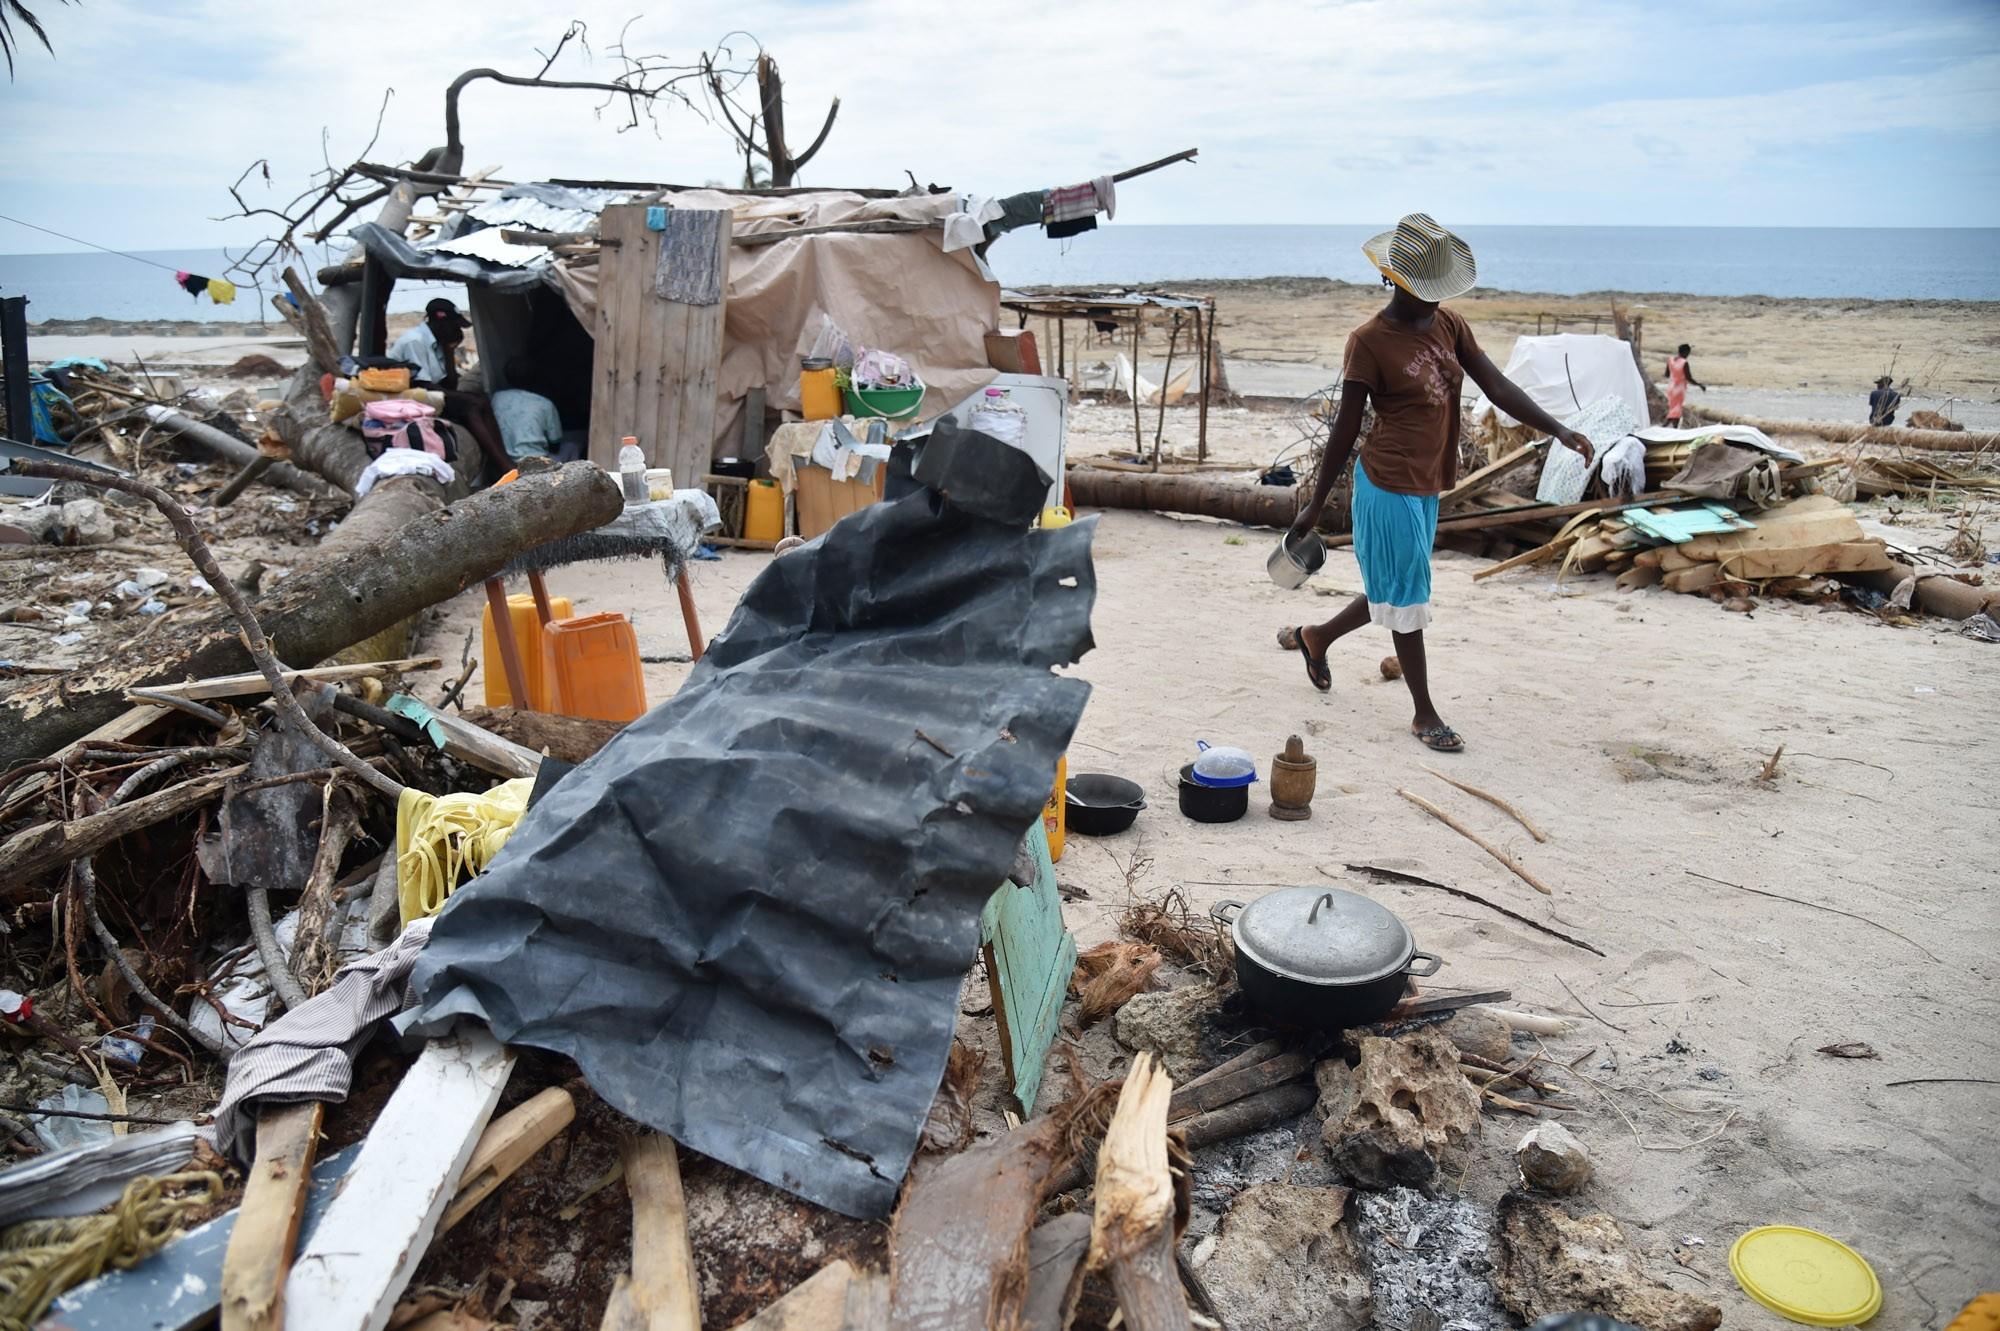 Uma mulher prepara comida perto de sua casa destruída pelo furacão Matthew em Roche-a-Bateaux, no sudoeste do Haiti